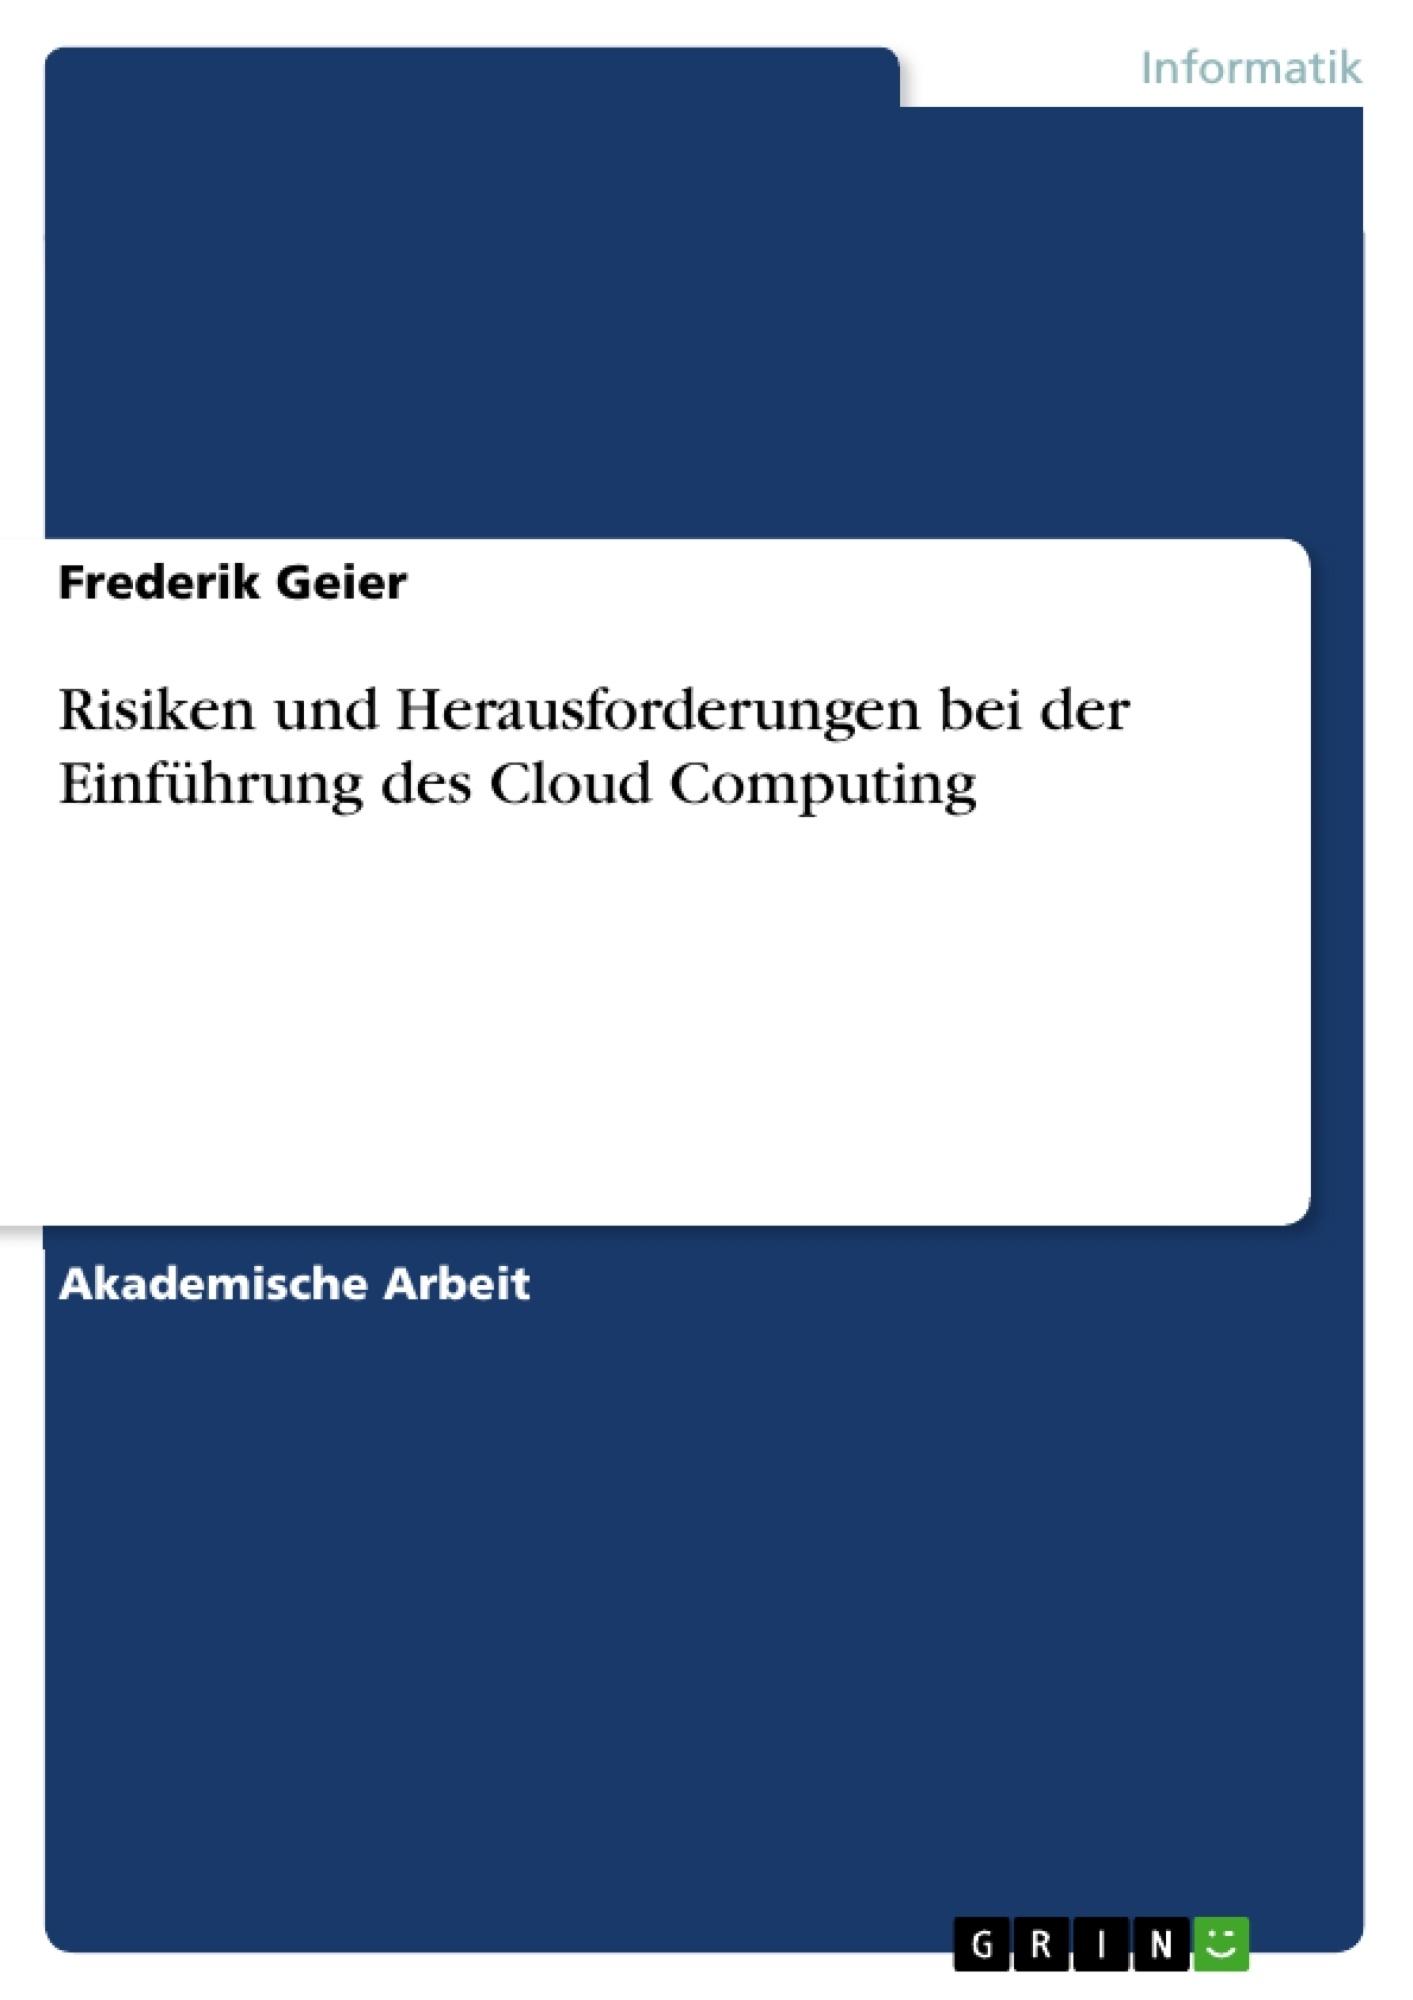 Titel: Risiken und Herausforderungen bei der Einführung des Cloud Computing